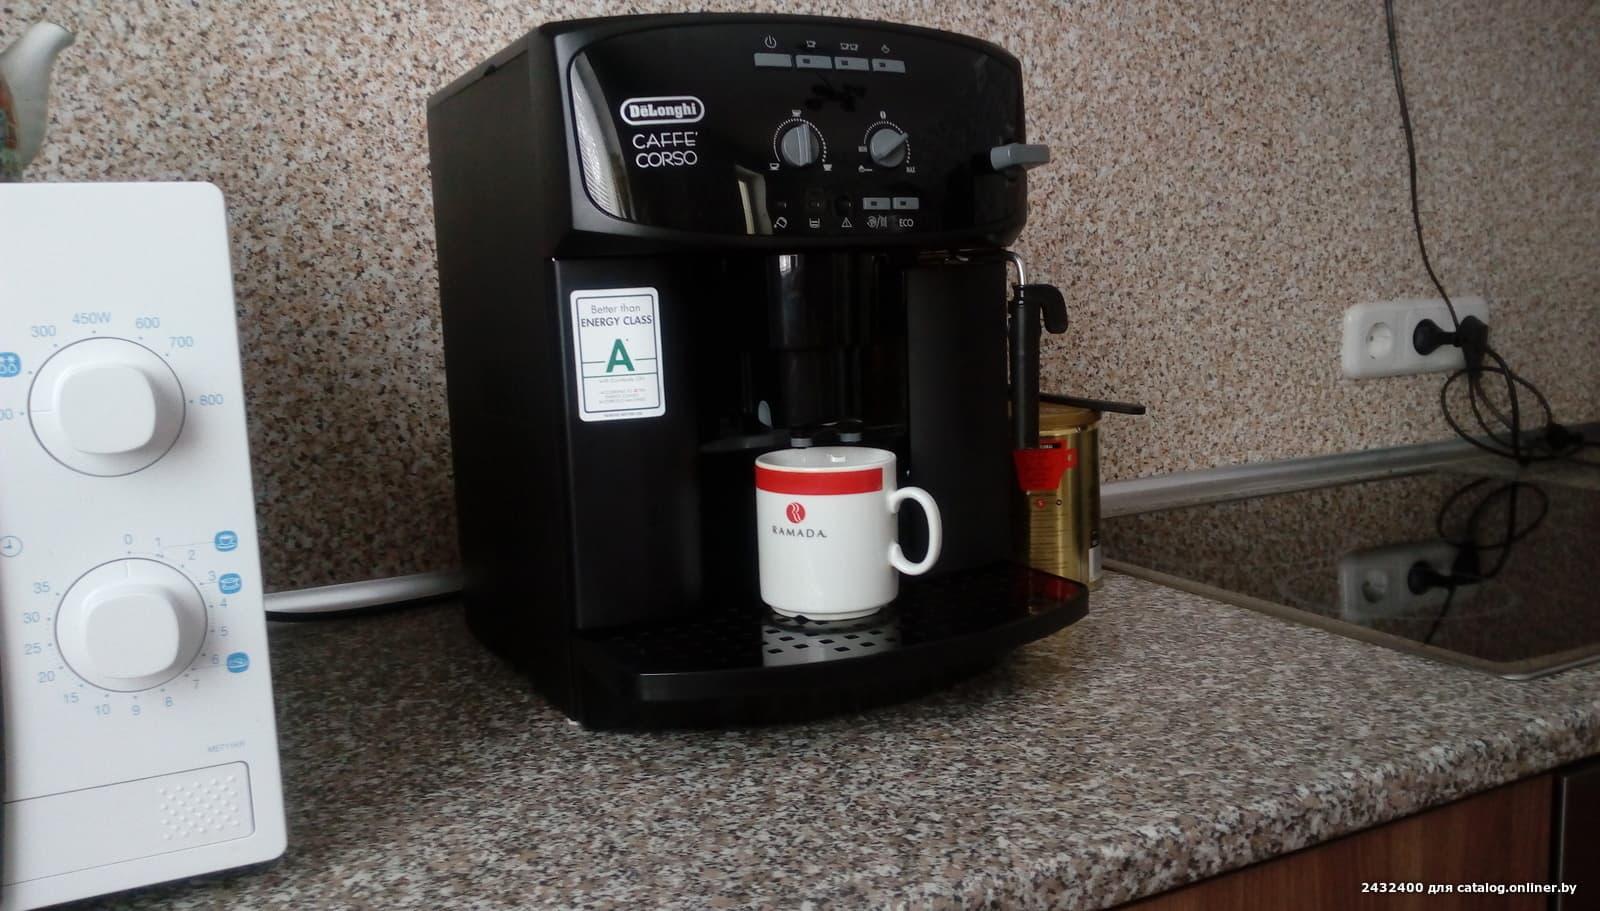 Кофемашина delonghi esam 2600 | caffe corso | magnifica.